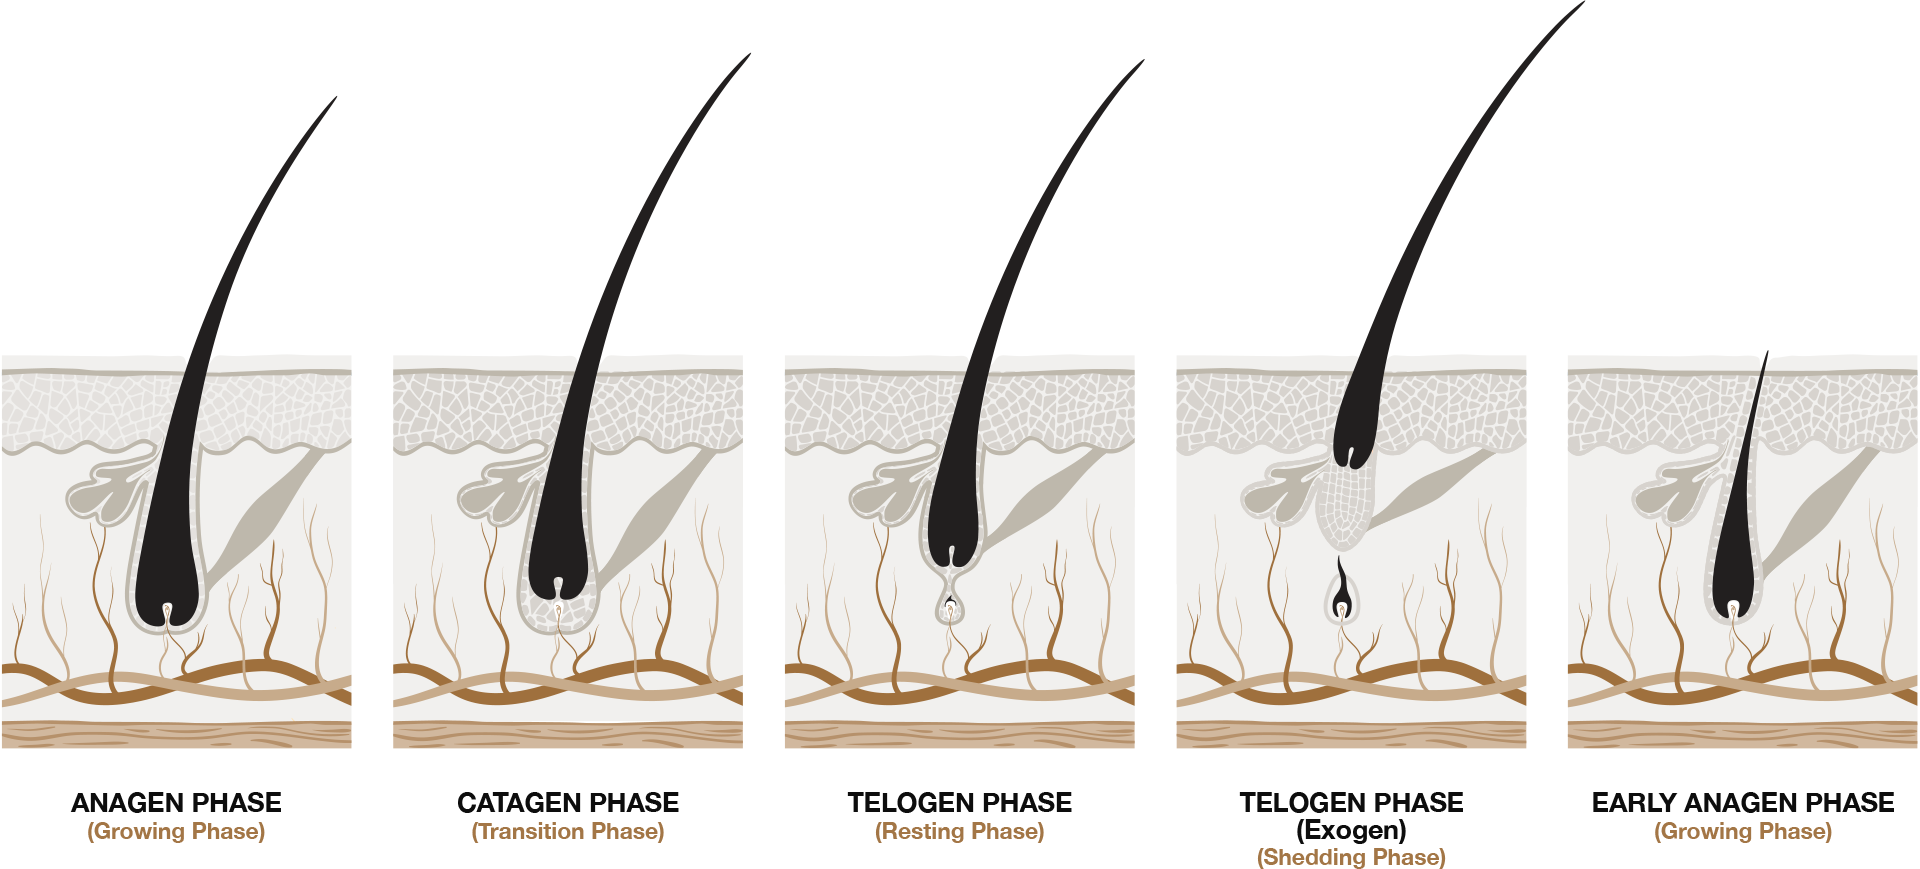 joebloe-hair-loss-process